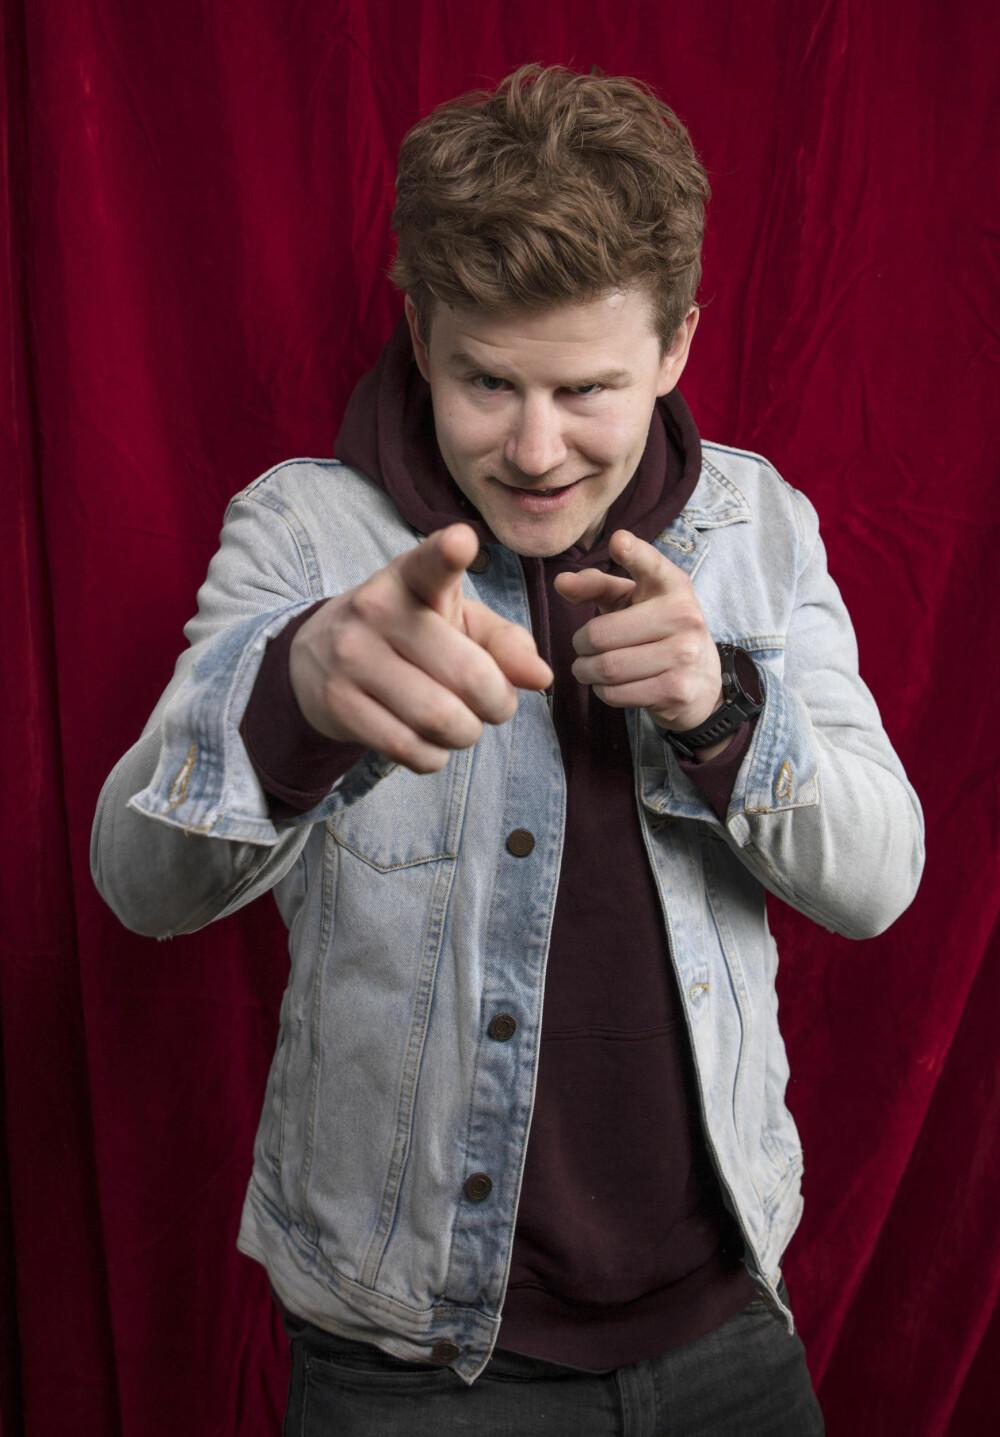 Nicolay Ramm stakk av med en av de gjeveste prisene under Gullruten 2018 - Publikumsprisen.